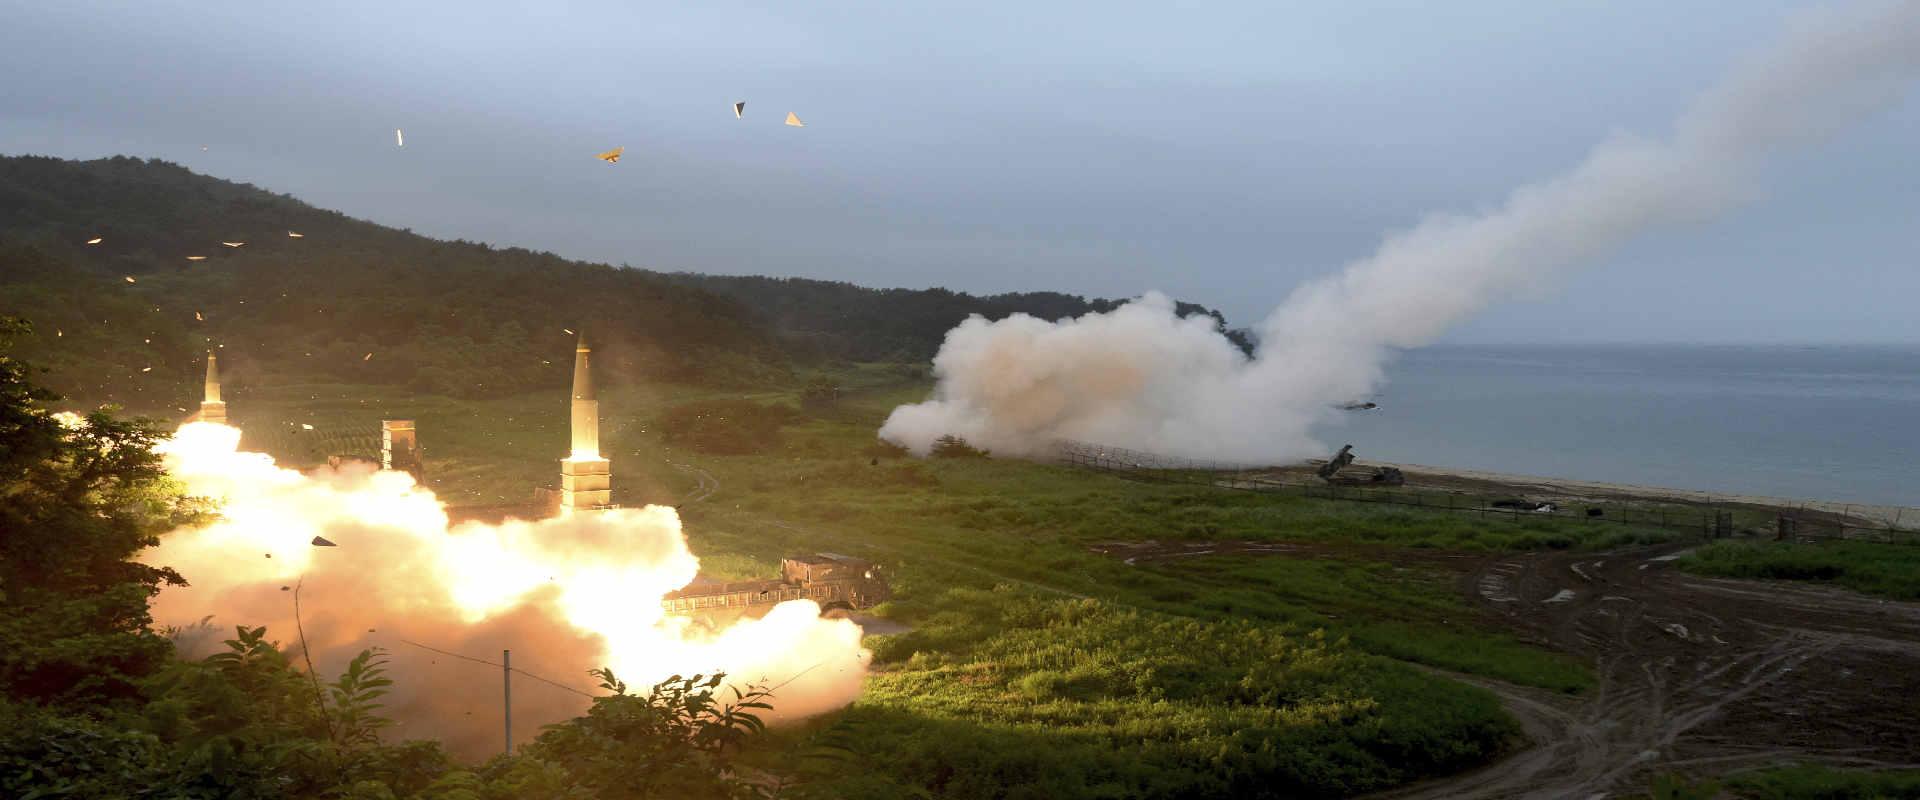 שיגור טיל של קוריאה הצפונית